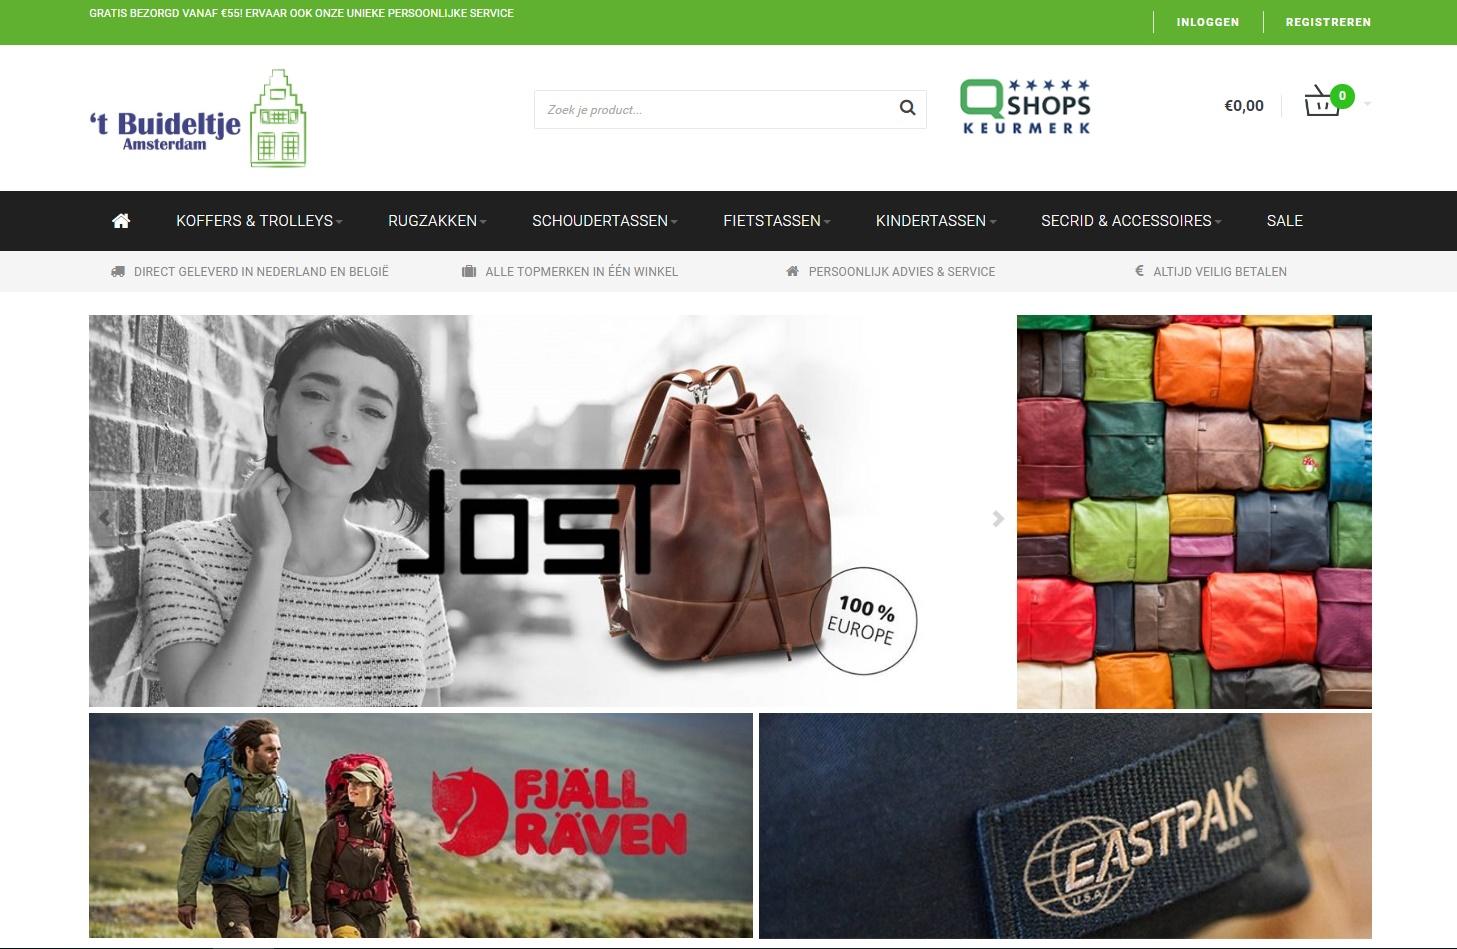 Webshop maken Buideltje.nl